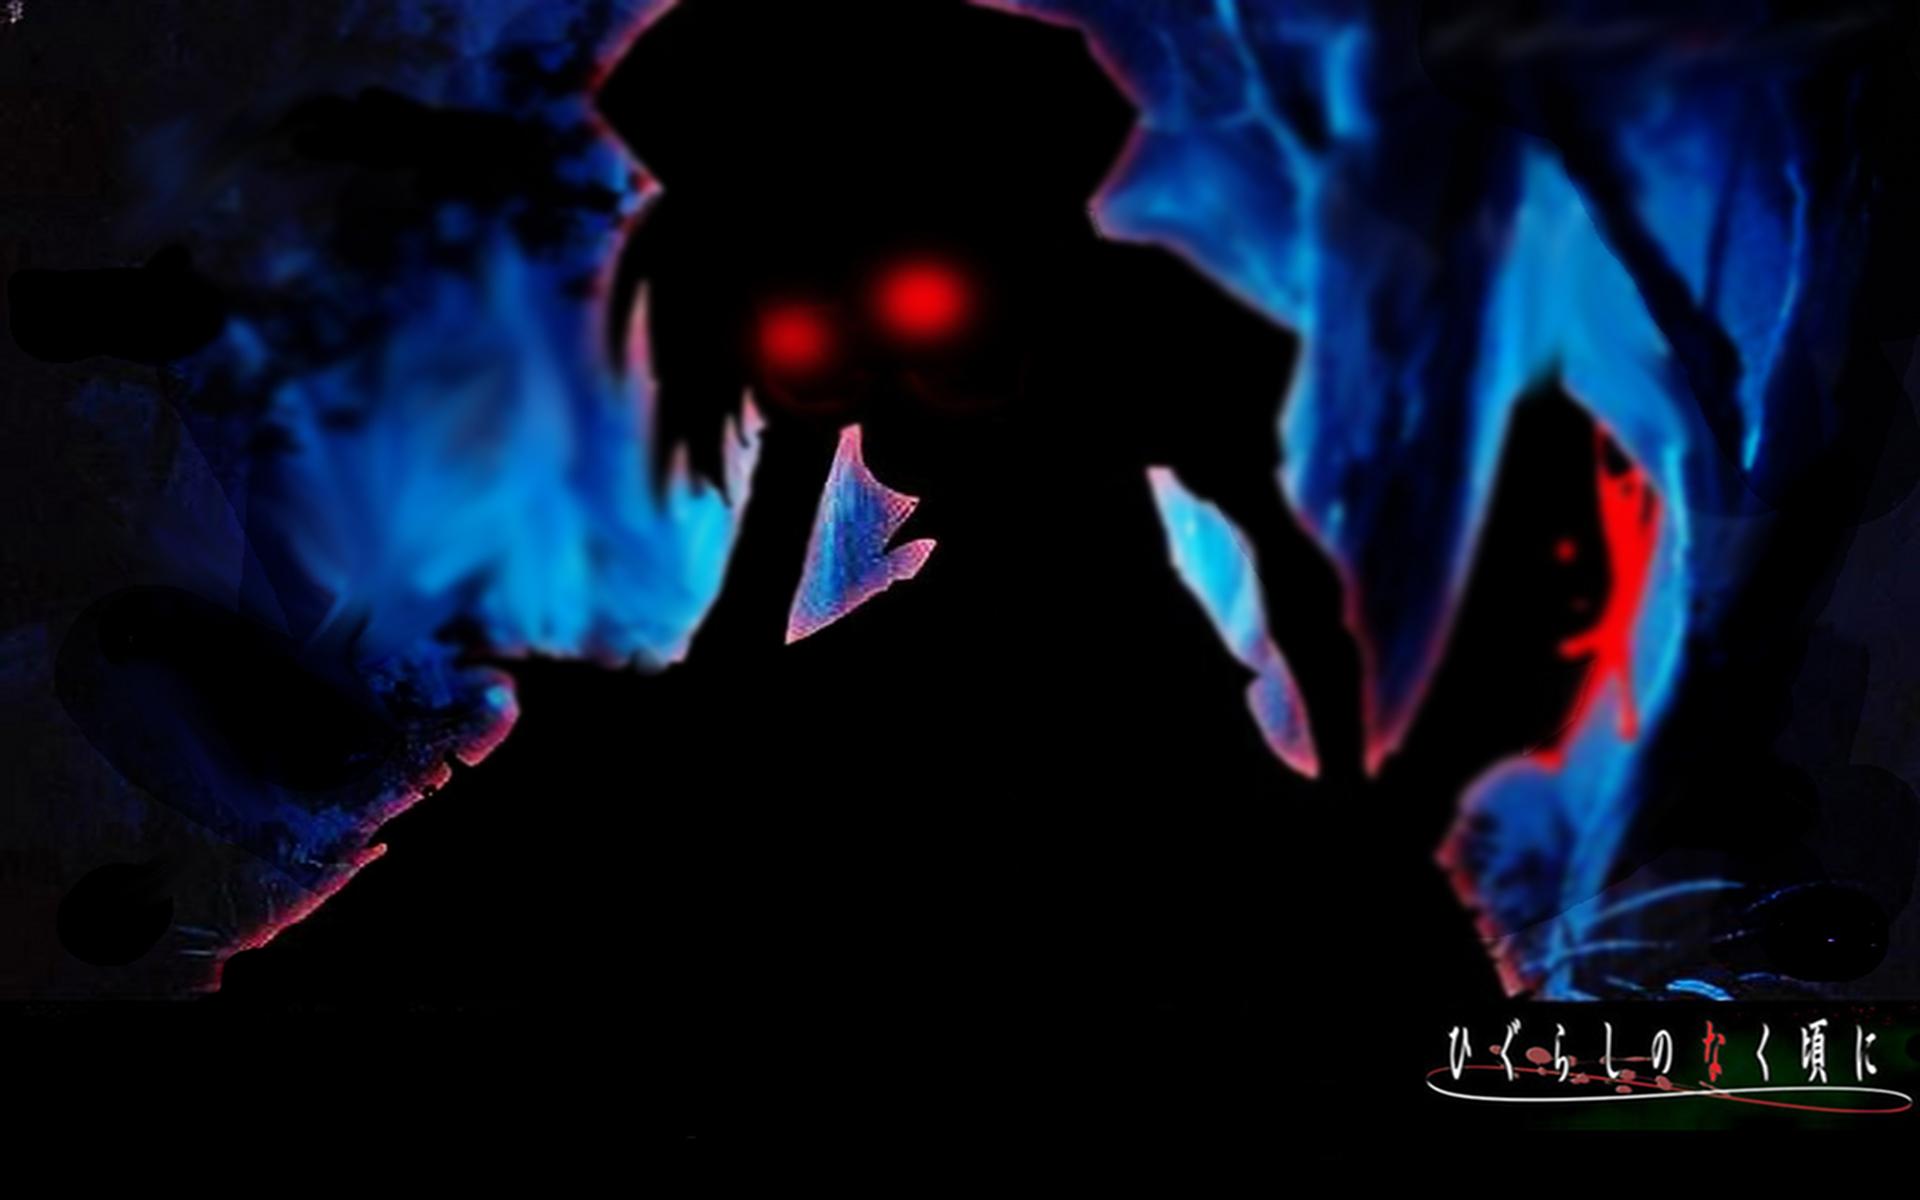 Free Download Higurashi No Naku Koro Ni Ryuuguu Rena Wallpaper Hq